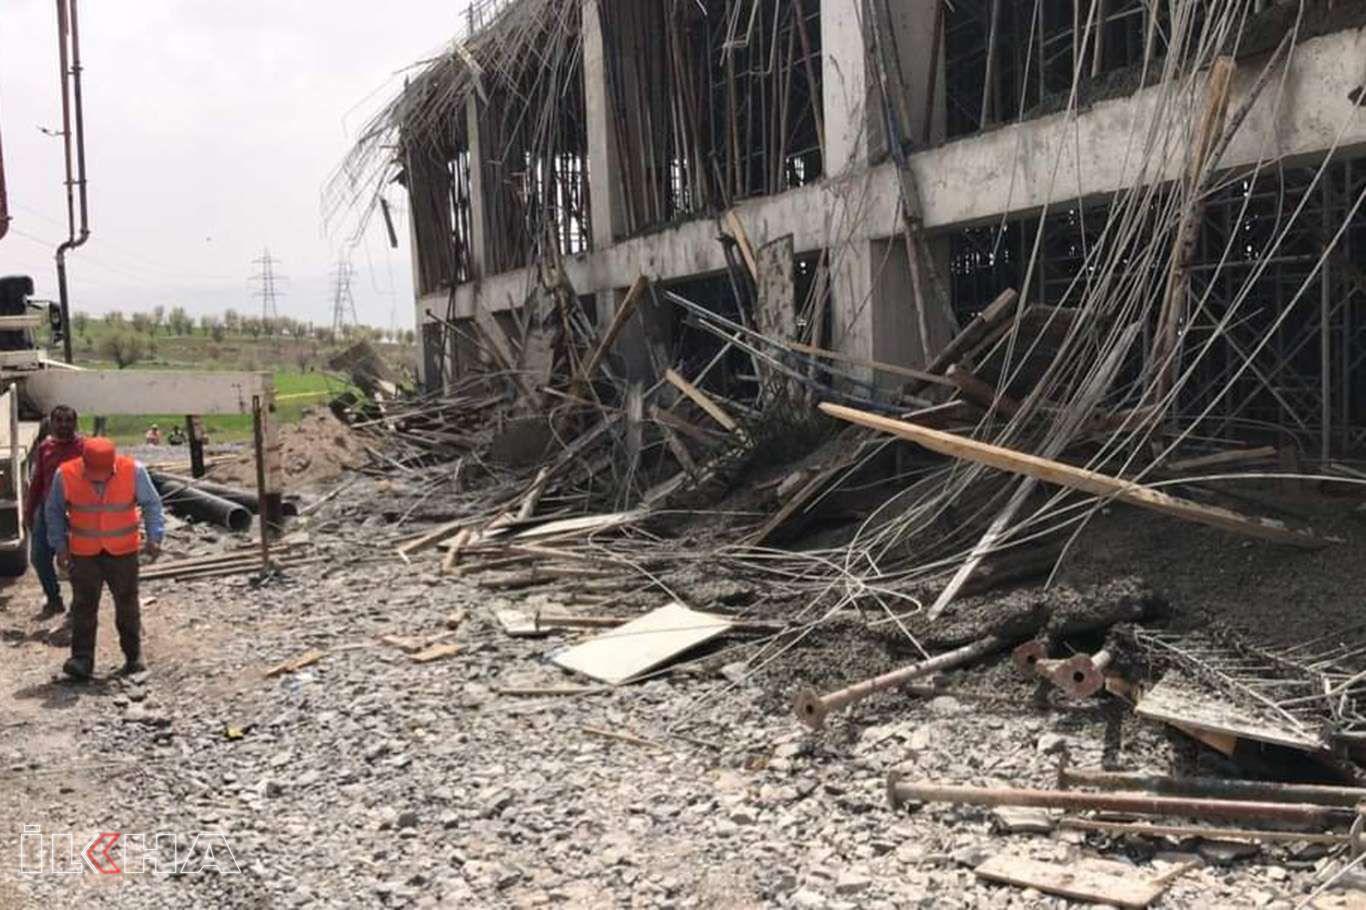 Şırnakta terminal inşaatı çöktü: 4 yaralı